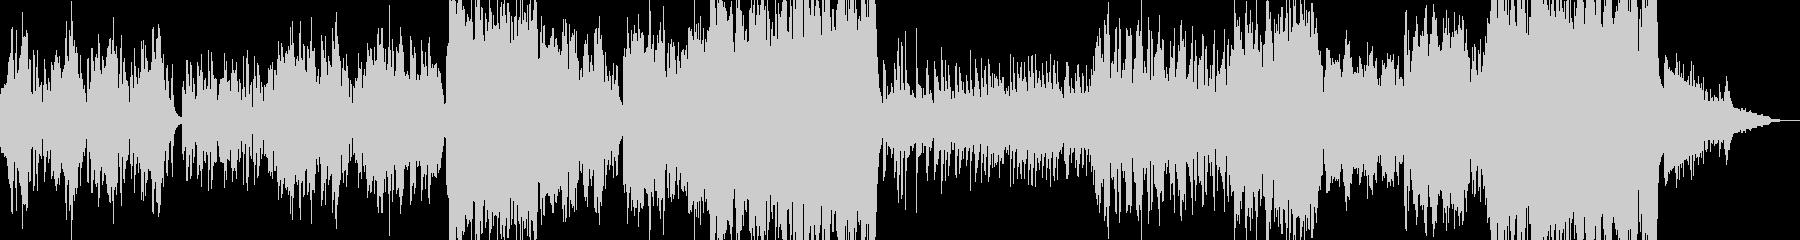 姫チックなワルツ・マイメロ風作品に B3の未再生の波形